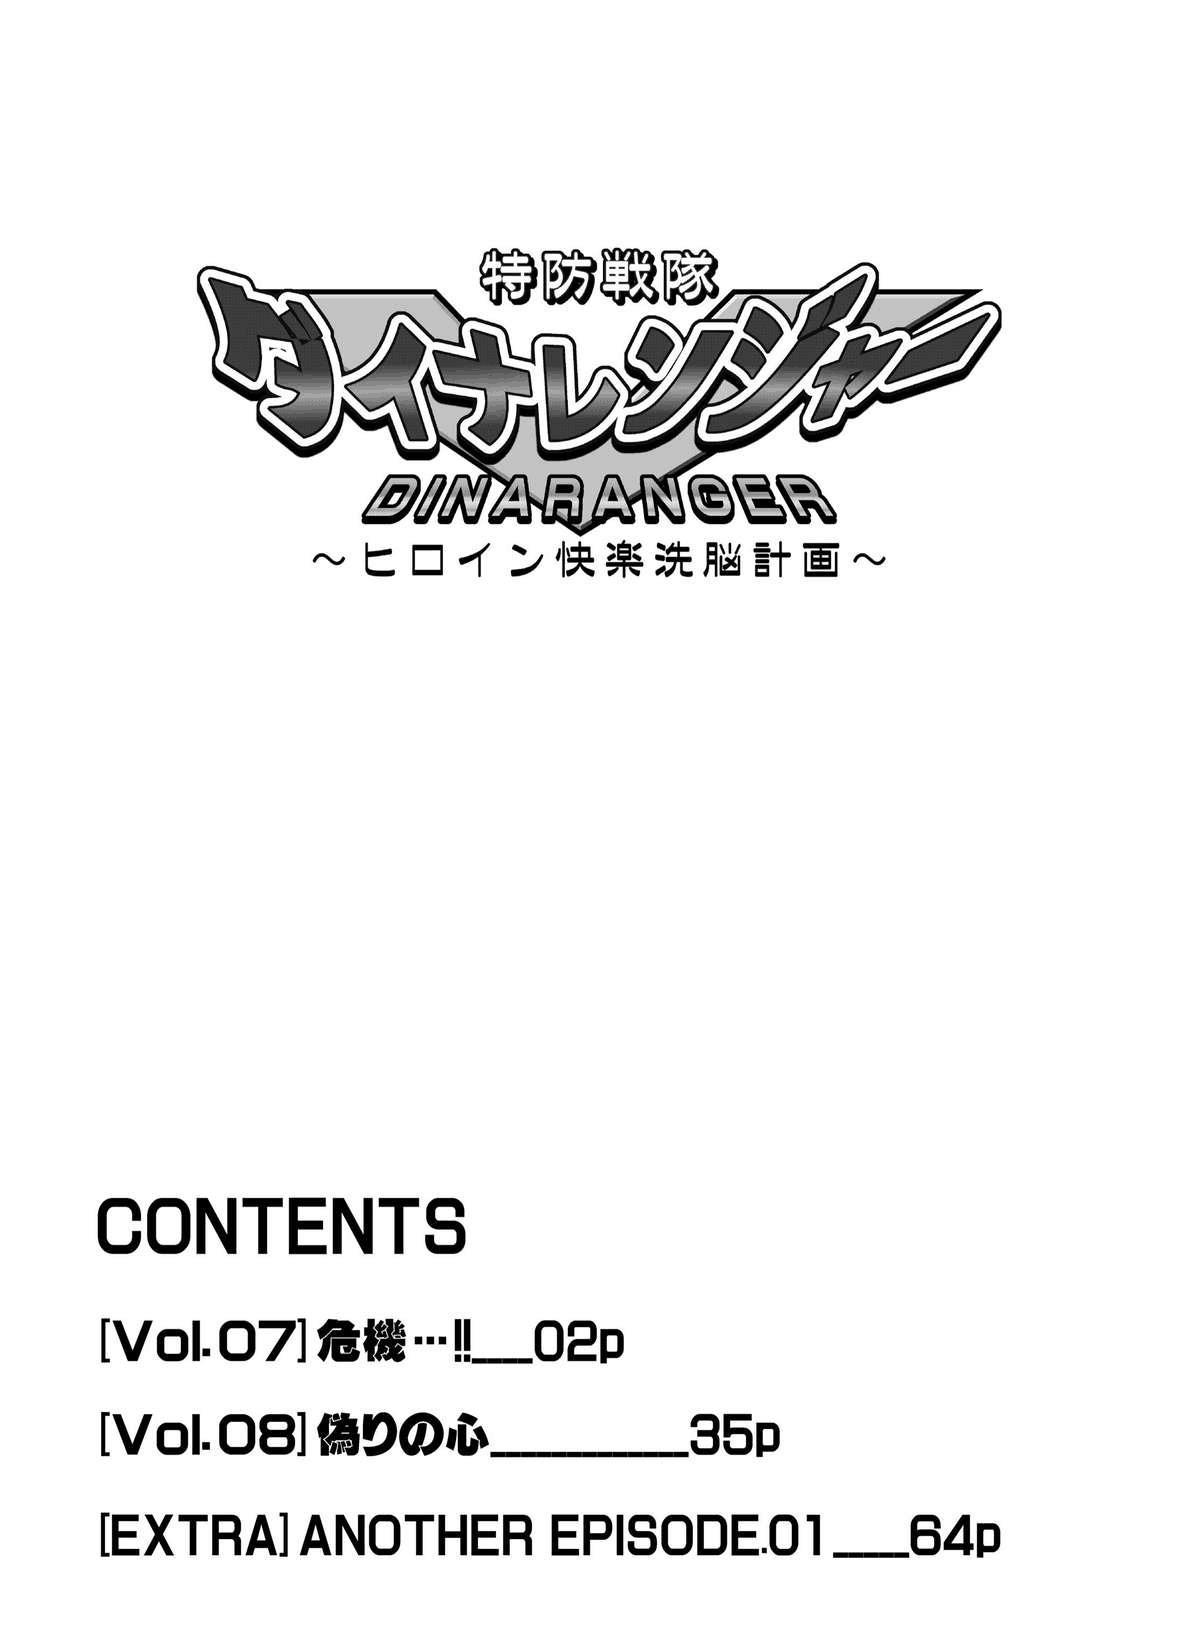 [Macxe's (monmon)] Tokubousentai Dinaranger ~Heroine Kairaku Sennou Keikaku~ Vol. 07/08/Gaiden01 [English] [SaHa] 1